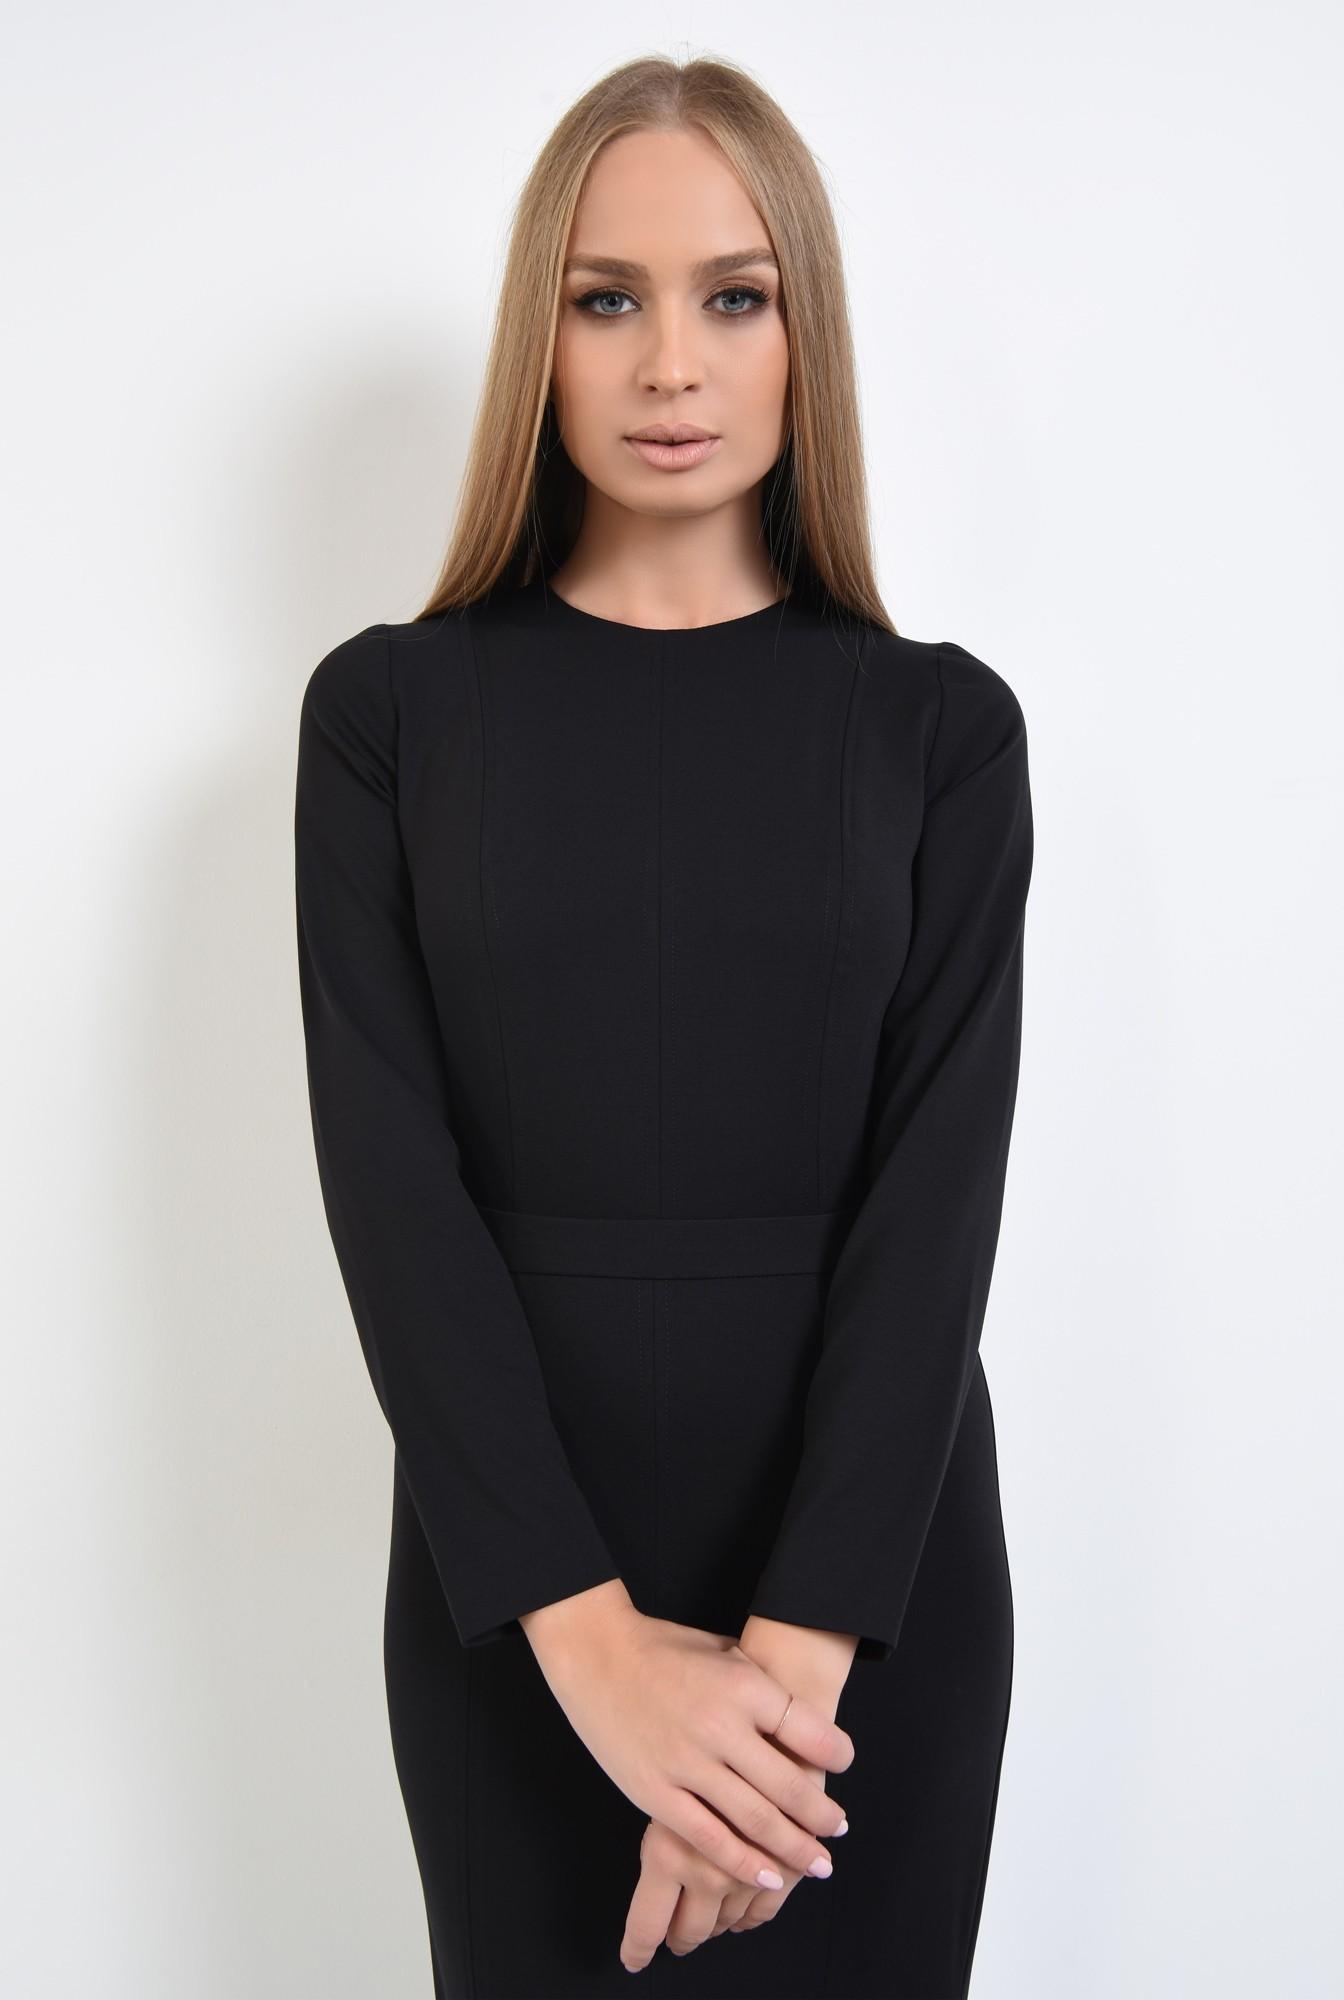 2 - 360 - rochie casual neagra, cusaturi decorative, decolteu rotund la baza gatului